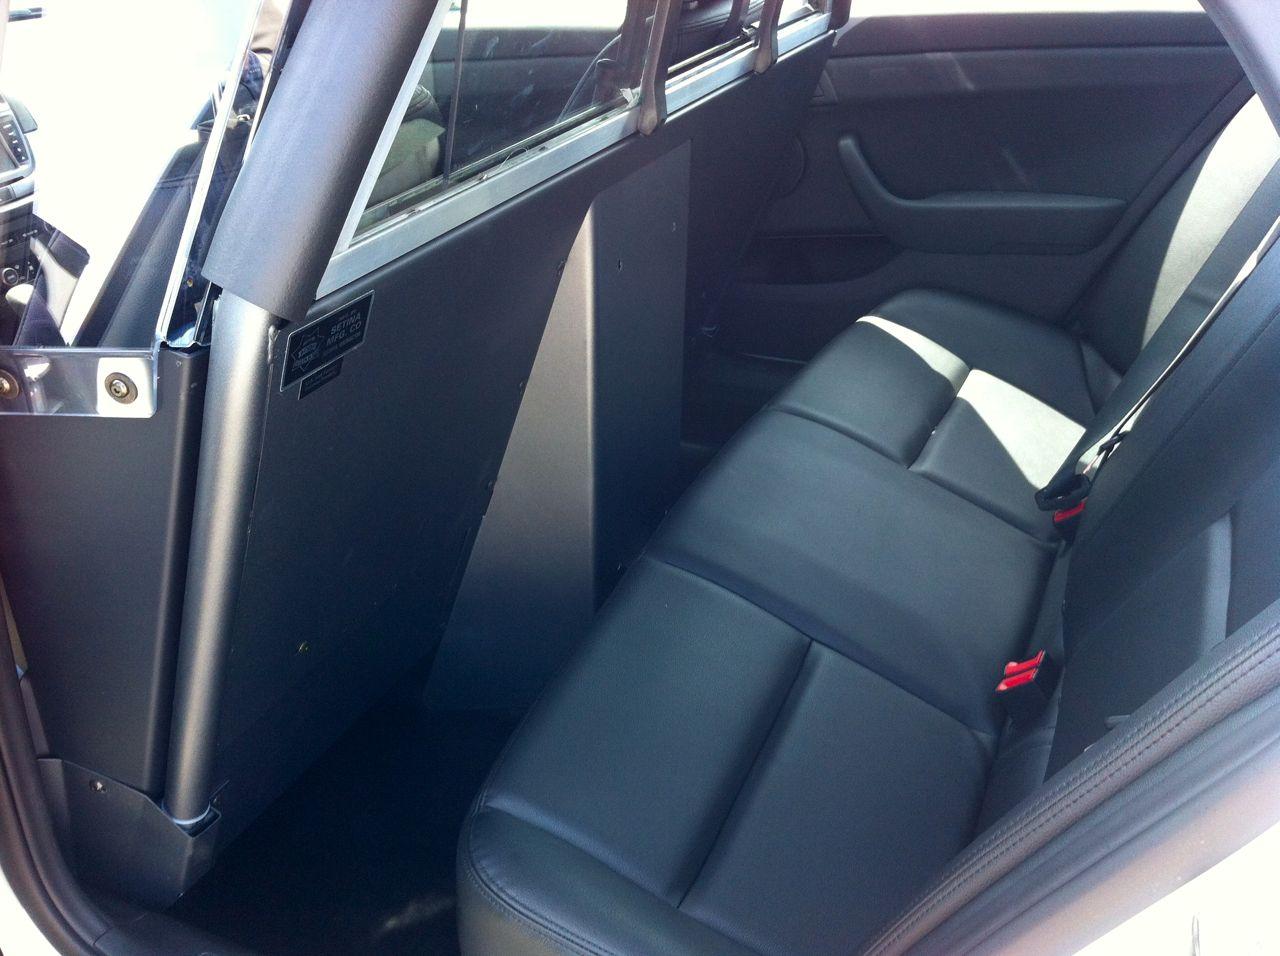 Caprice rear seat area